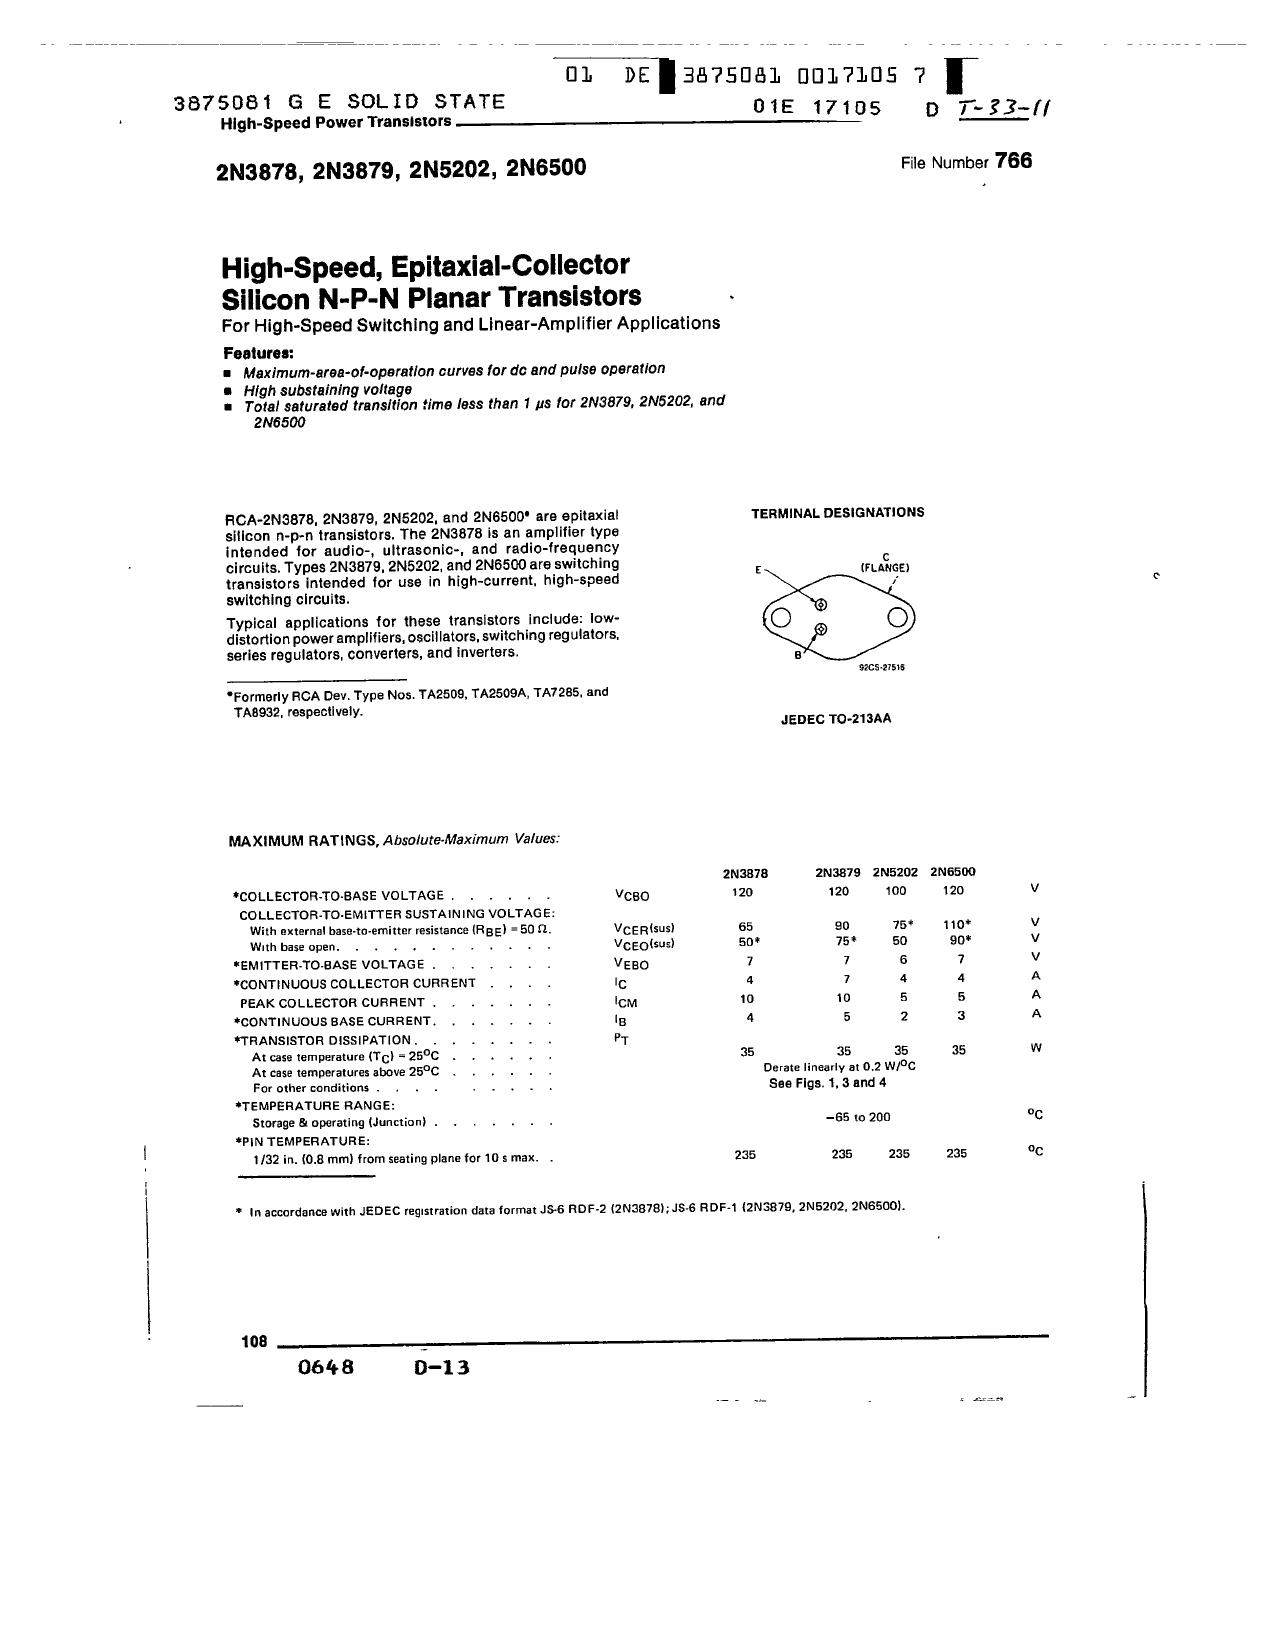 2N5202 دیتاشیت PDF